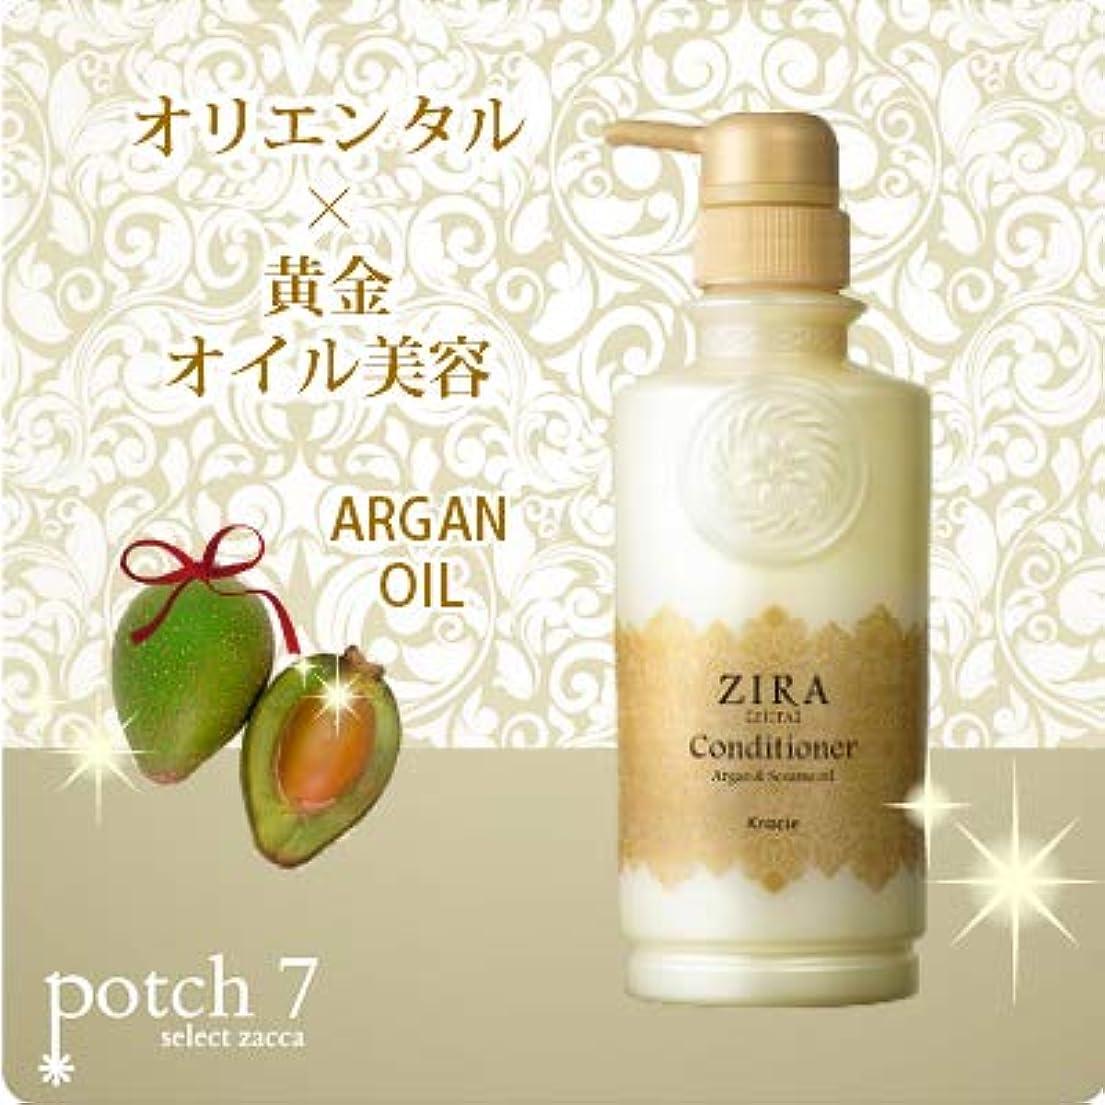 頑固な奇妙なアマチュアKracie クラシエ ZIRA ジーラ コンディショナー 420ml オリエンタル美容